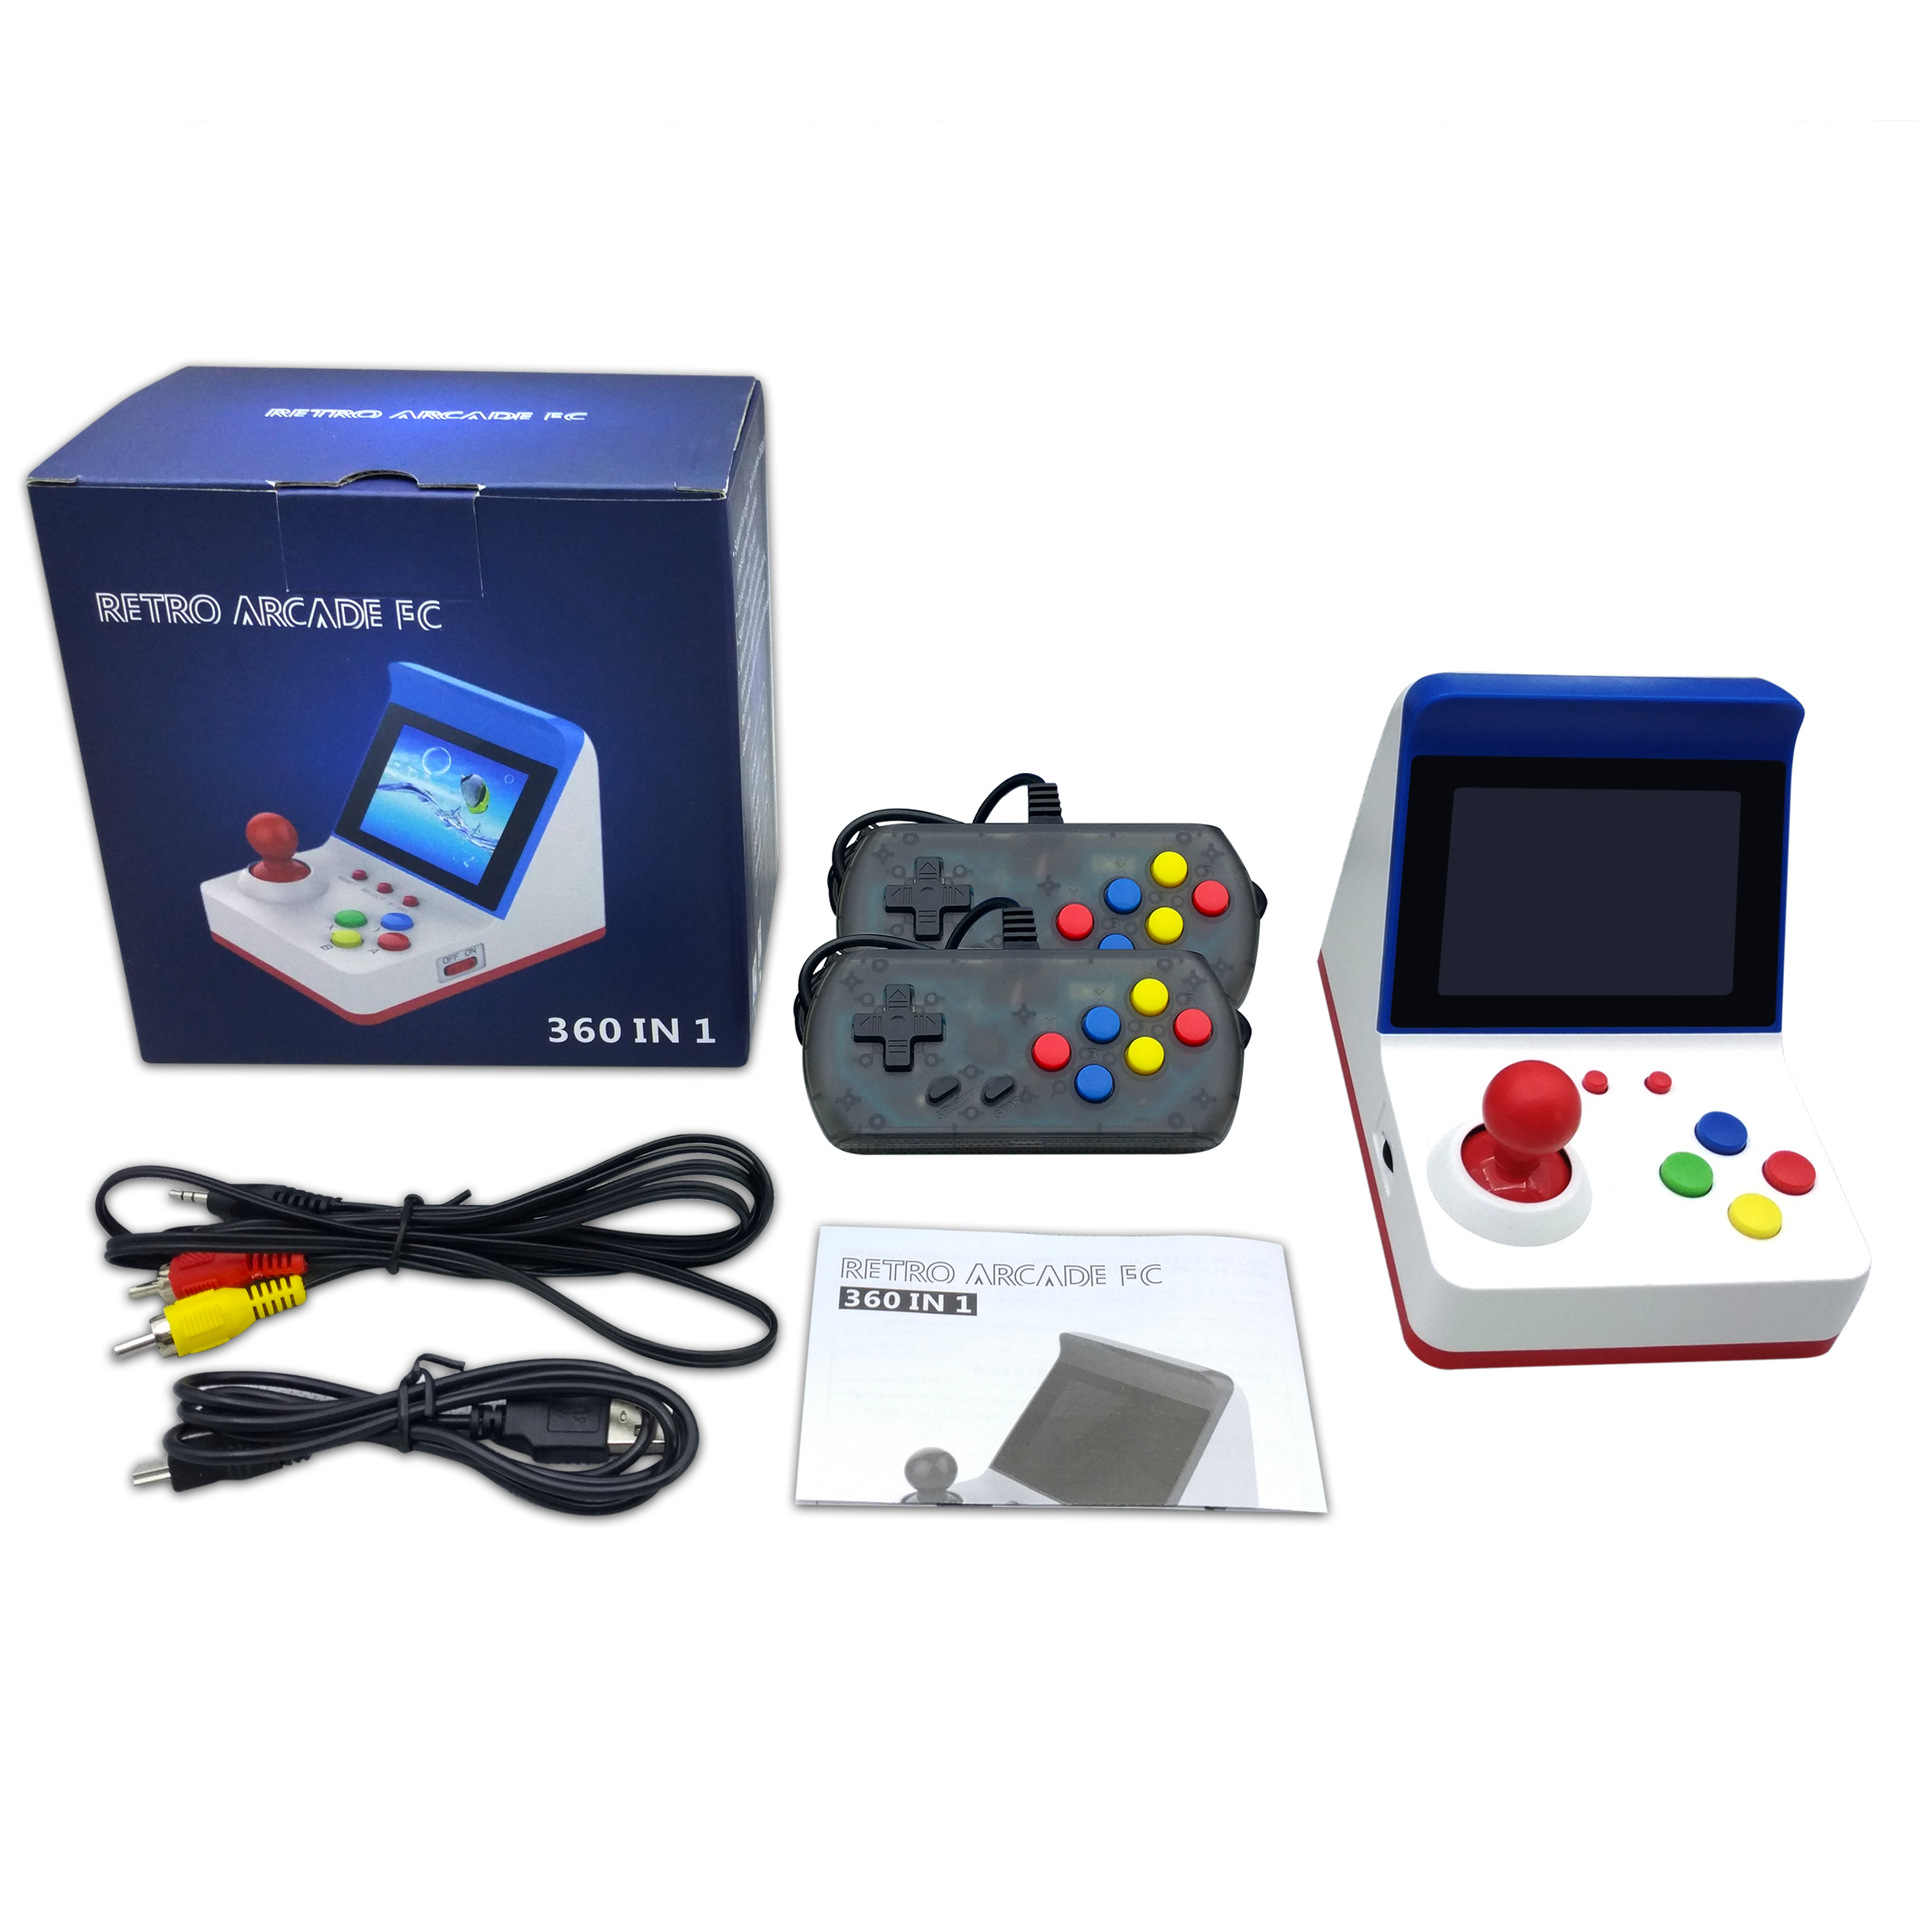 10 шт. 8 бит портативная игровая консоль двойной видеоплеер мини Ретро 360